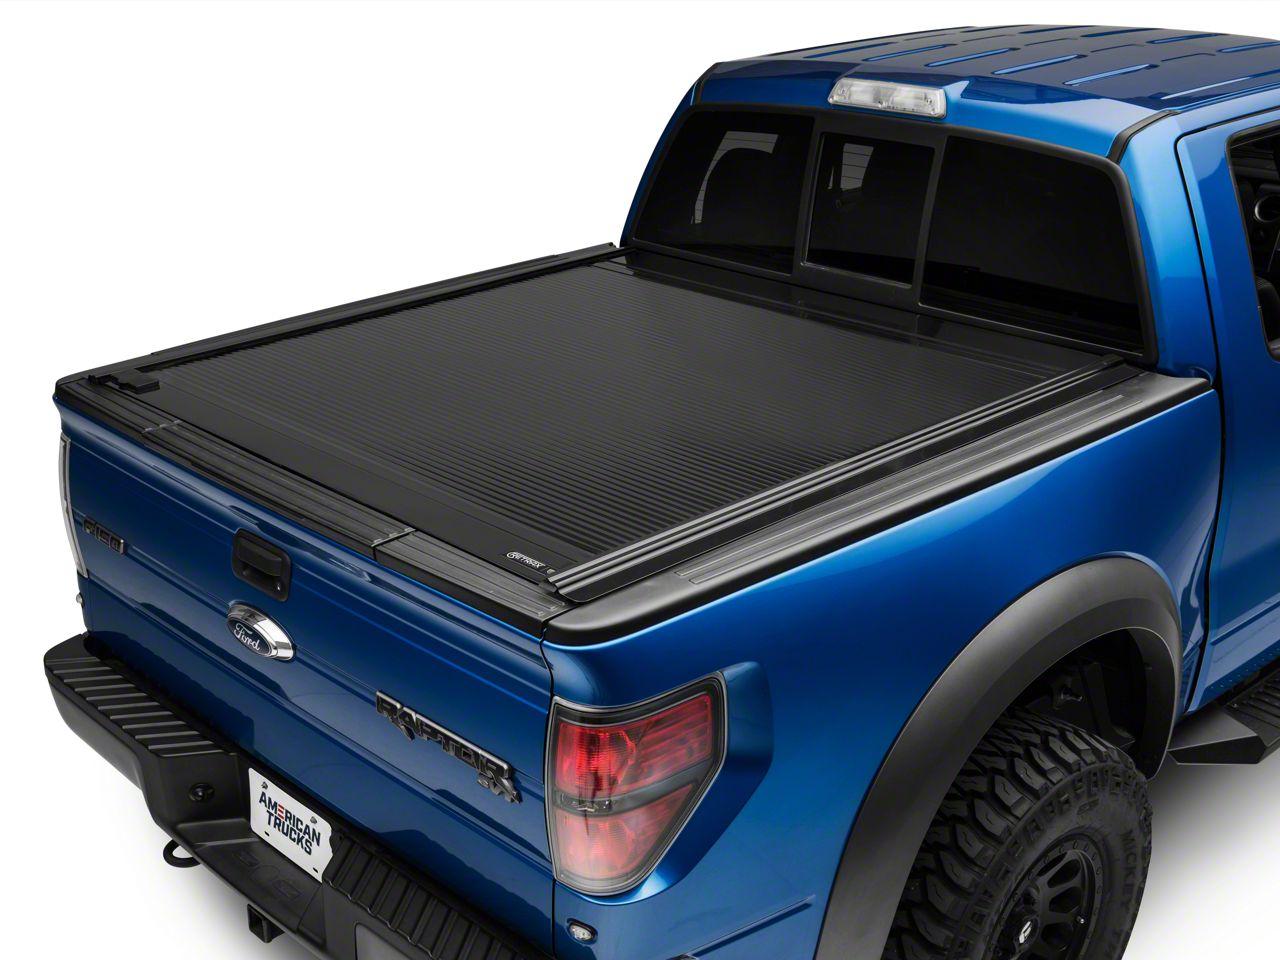 Retrax RetraxONE MX Tonneau Cover (09-14 F-150 Styleside w/ 5.5 ft. & 6.5 ft. Bed)